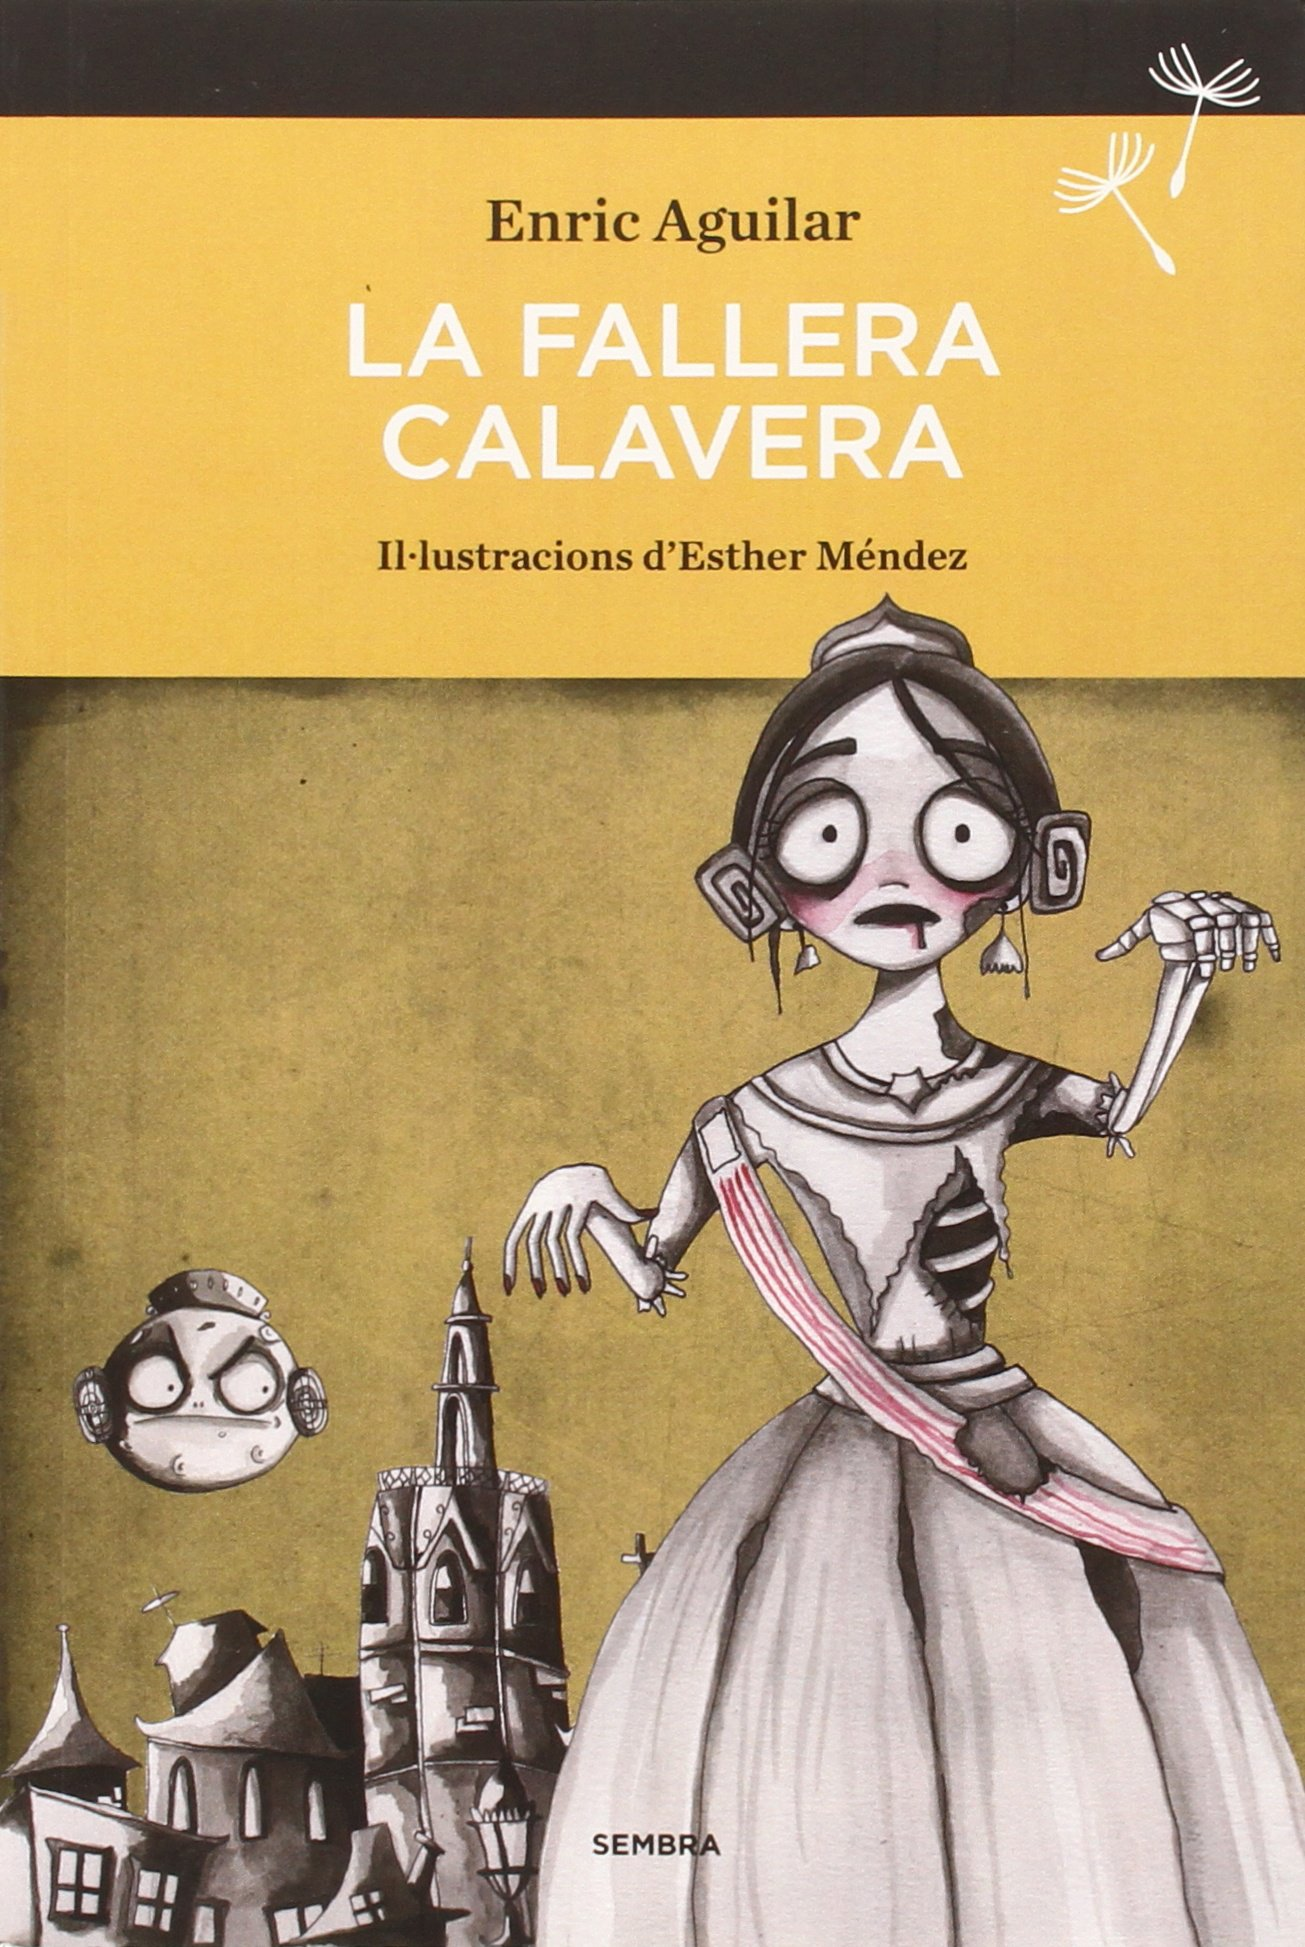 La Fallera Calavera (SEMBRA LLIBRES) (Catalán) Tapa blanda – Ilustrado, 10 ago 2017 Enric Aguilar Almodóvar Esther Méndez Agüero SEMBRA LLIBRES COOP. V. 8494235079